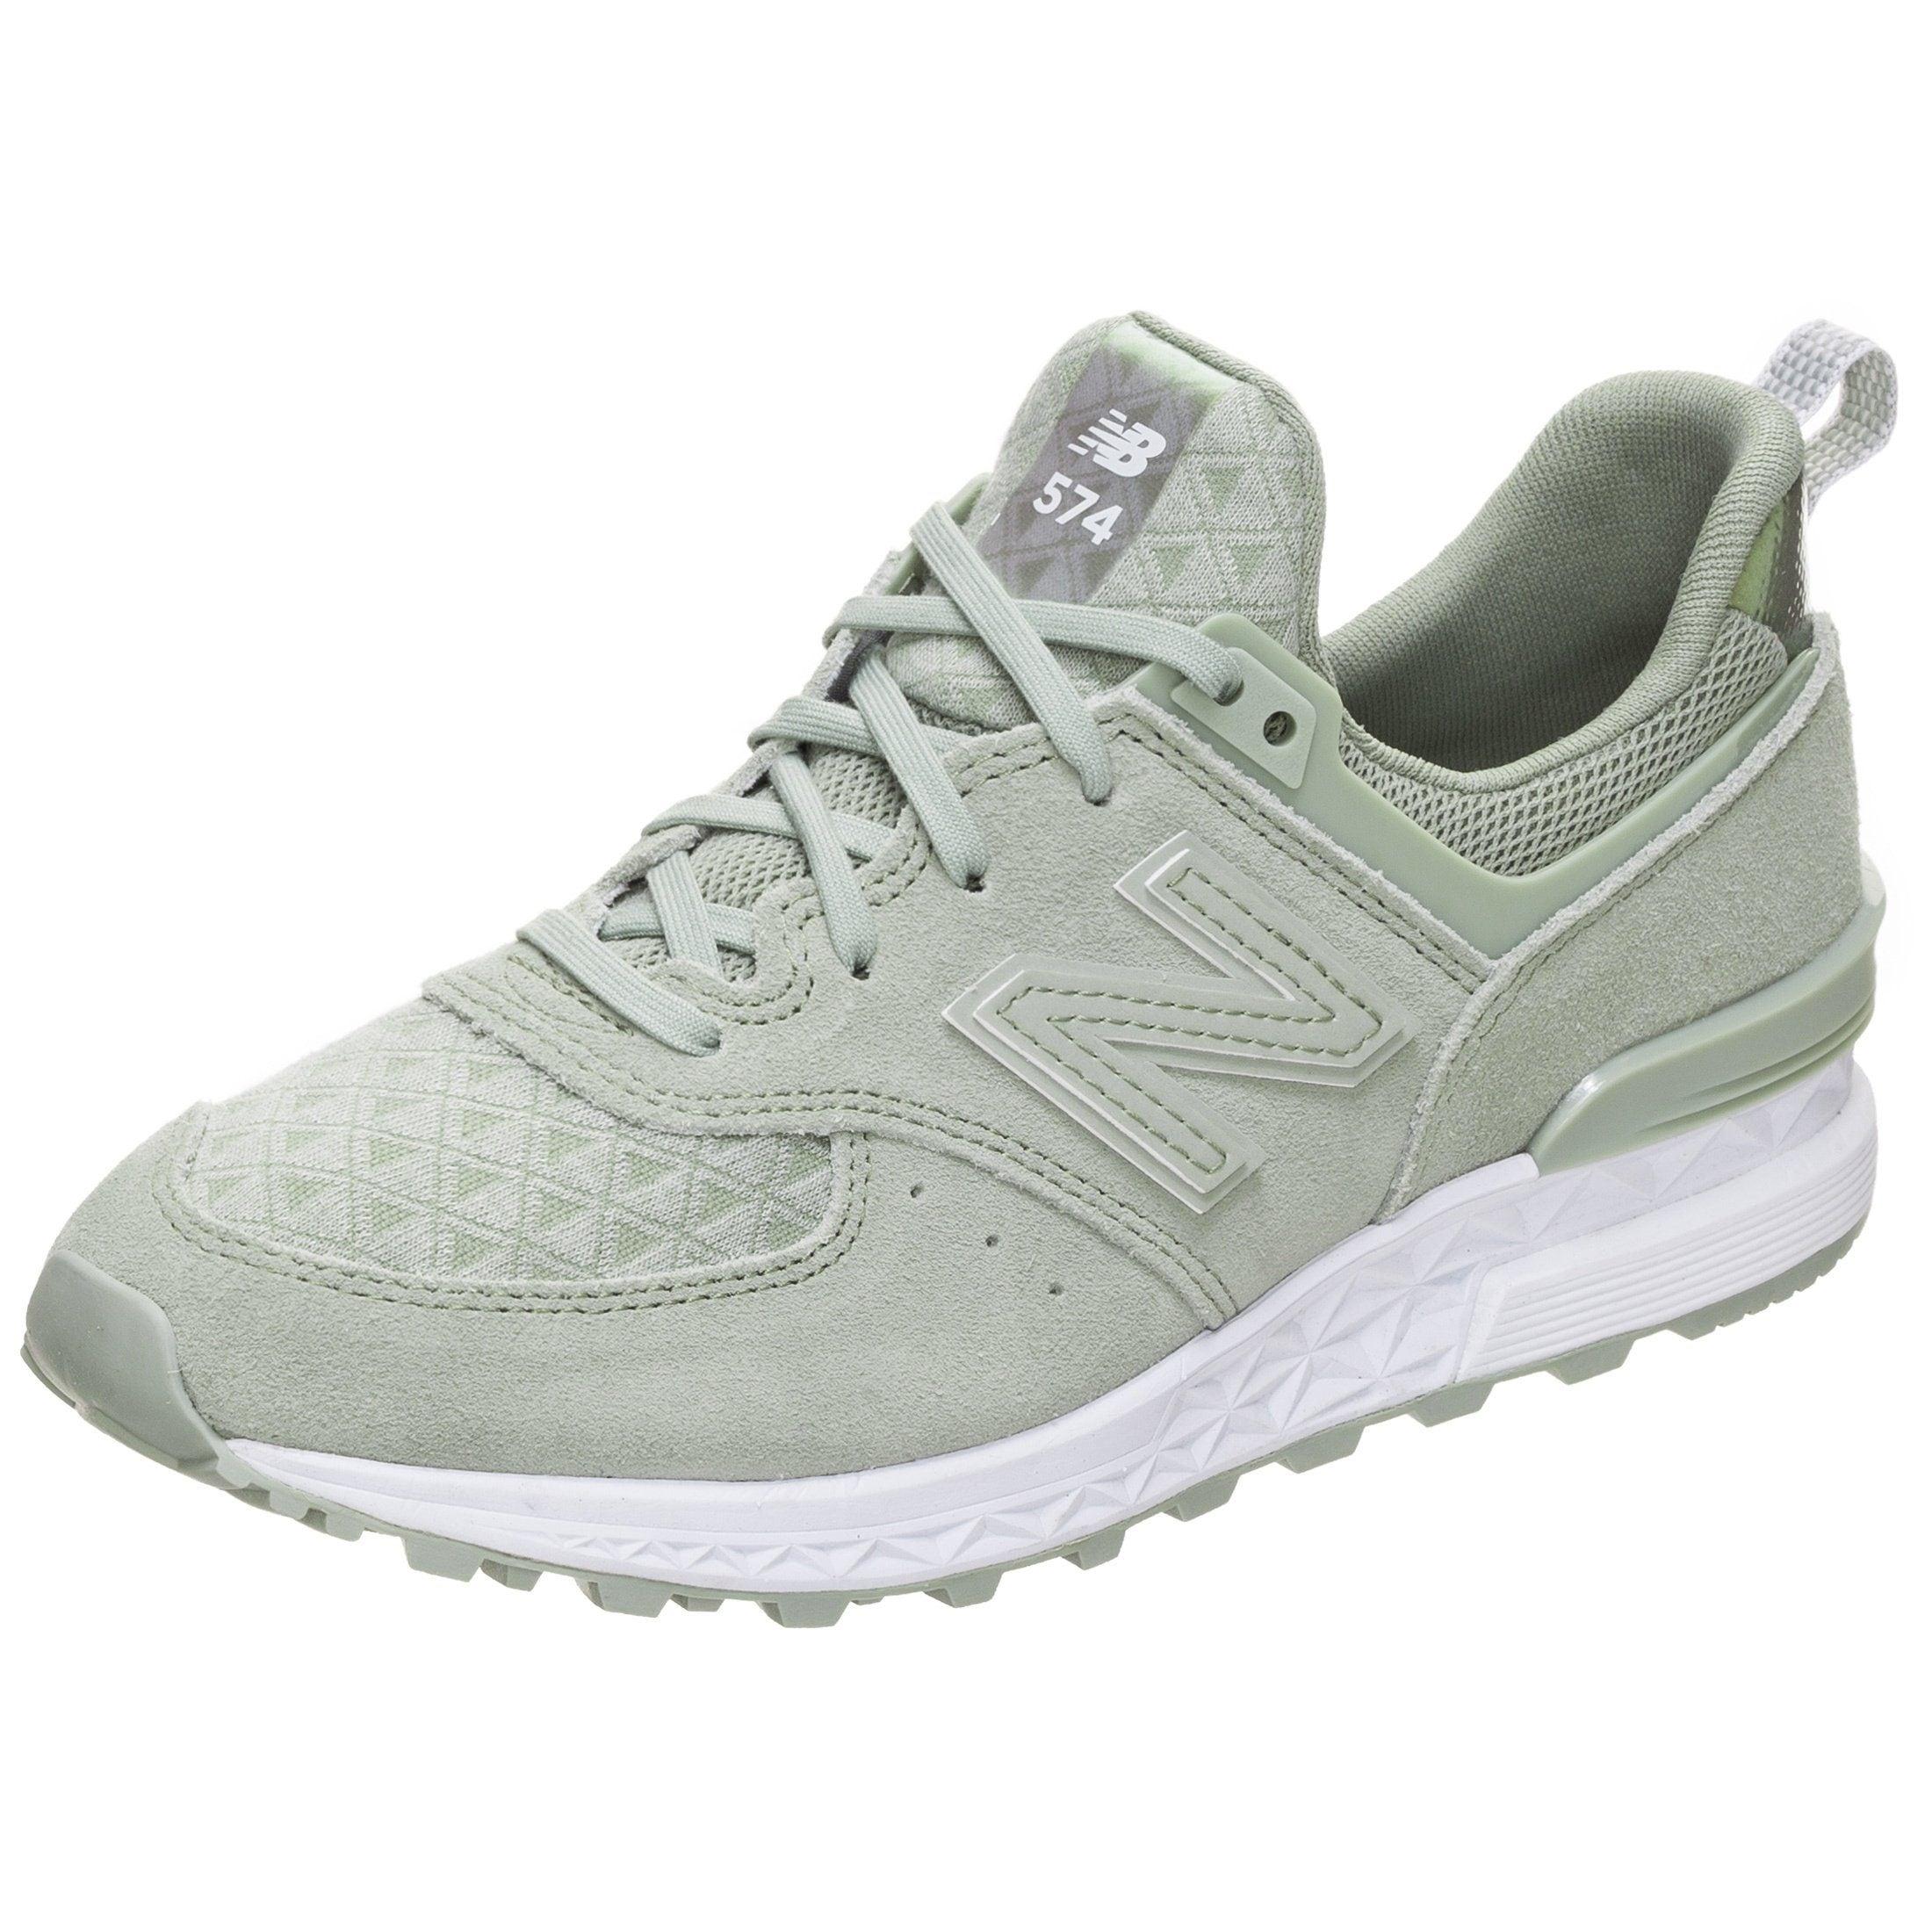 New Balance Sneaker Ws574-snd-b Preisvergleich